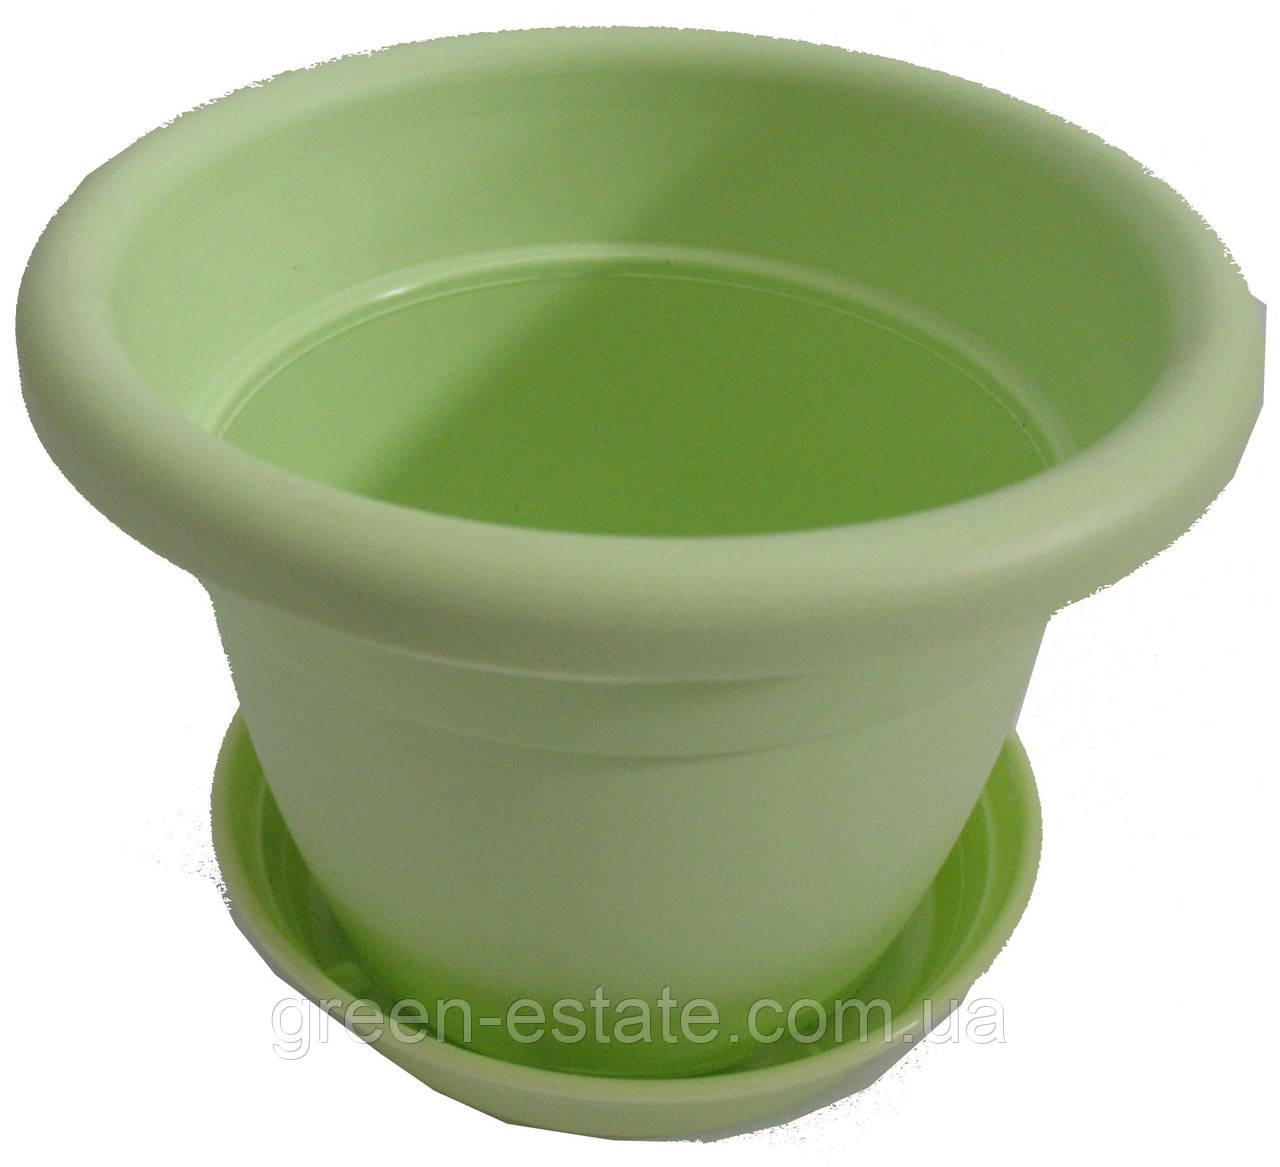 Вазон Антик 15 1,7 л салатовый